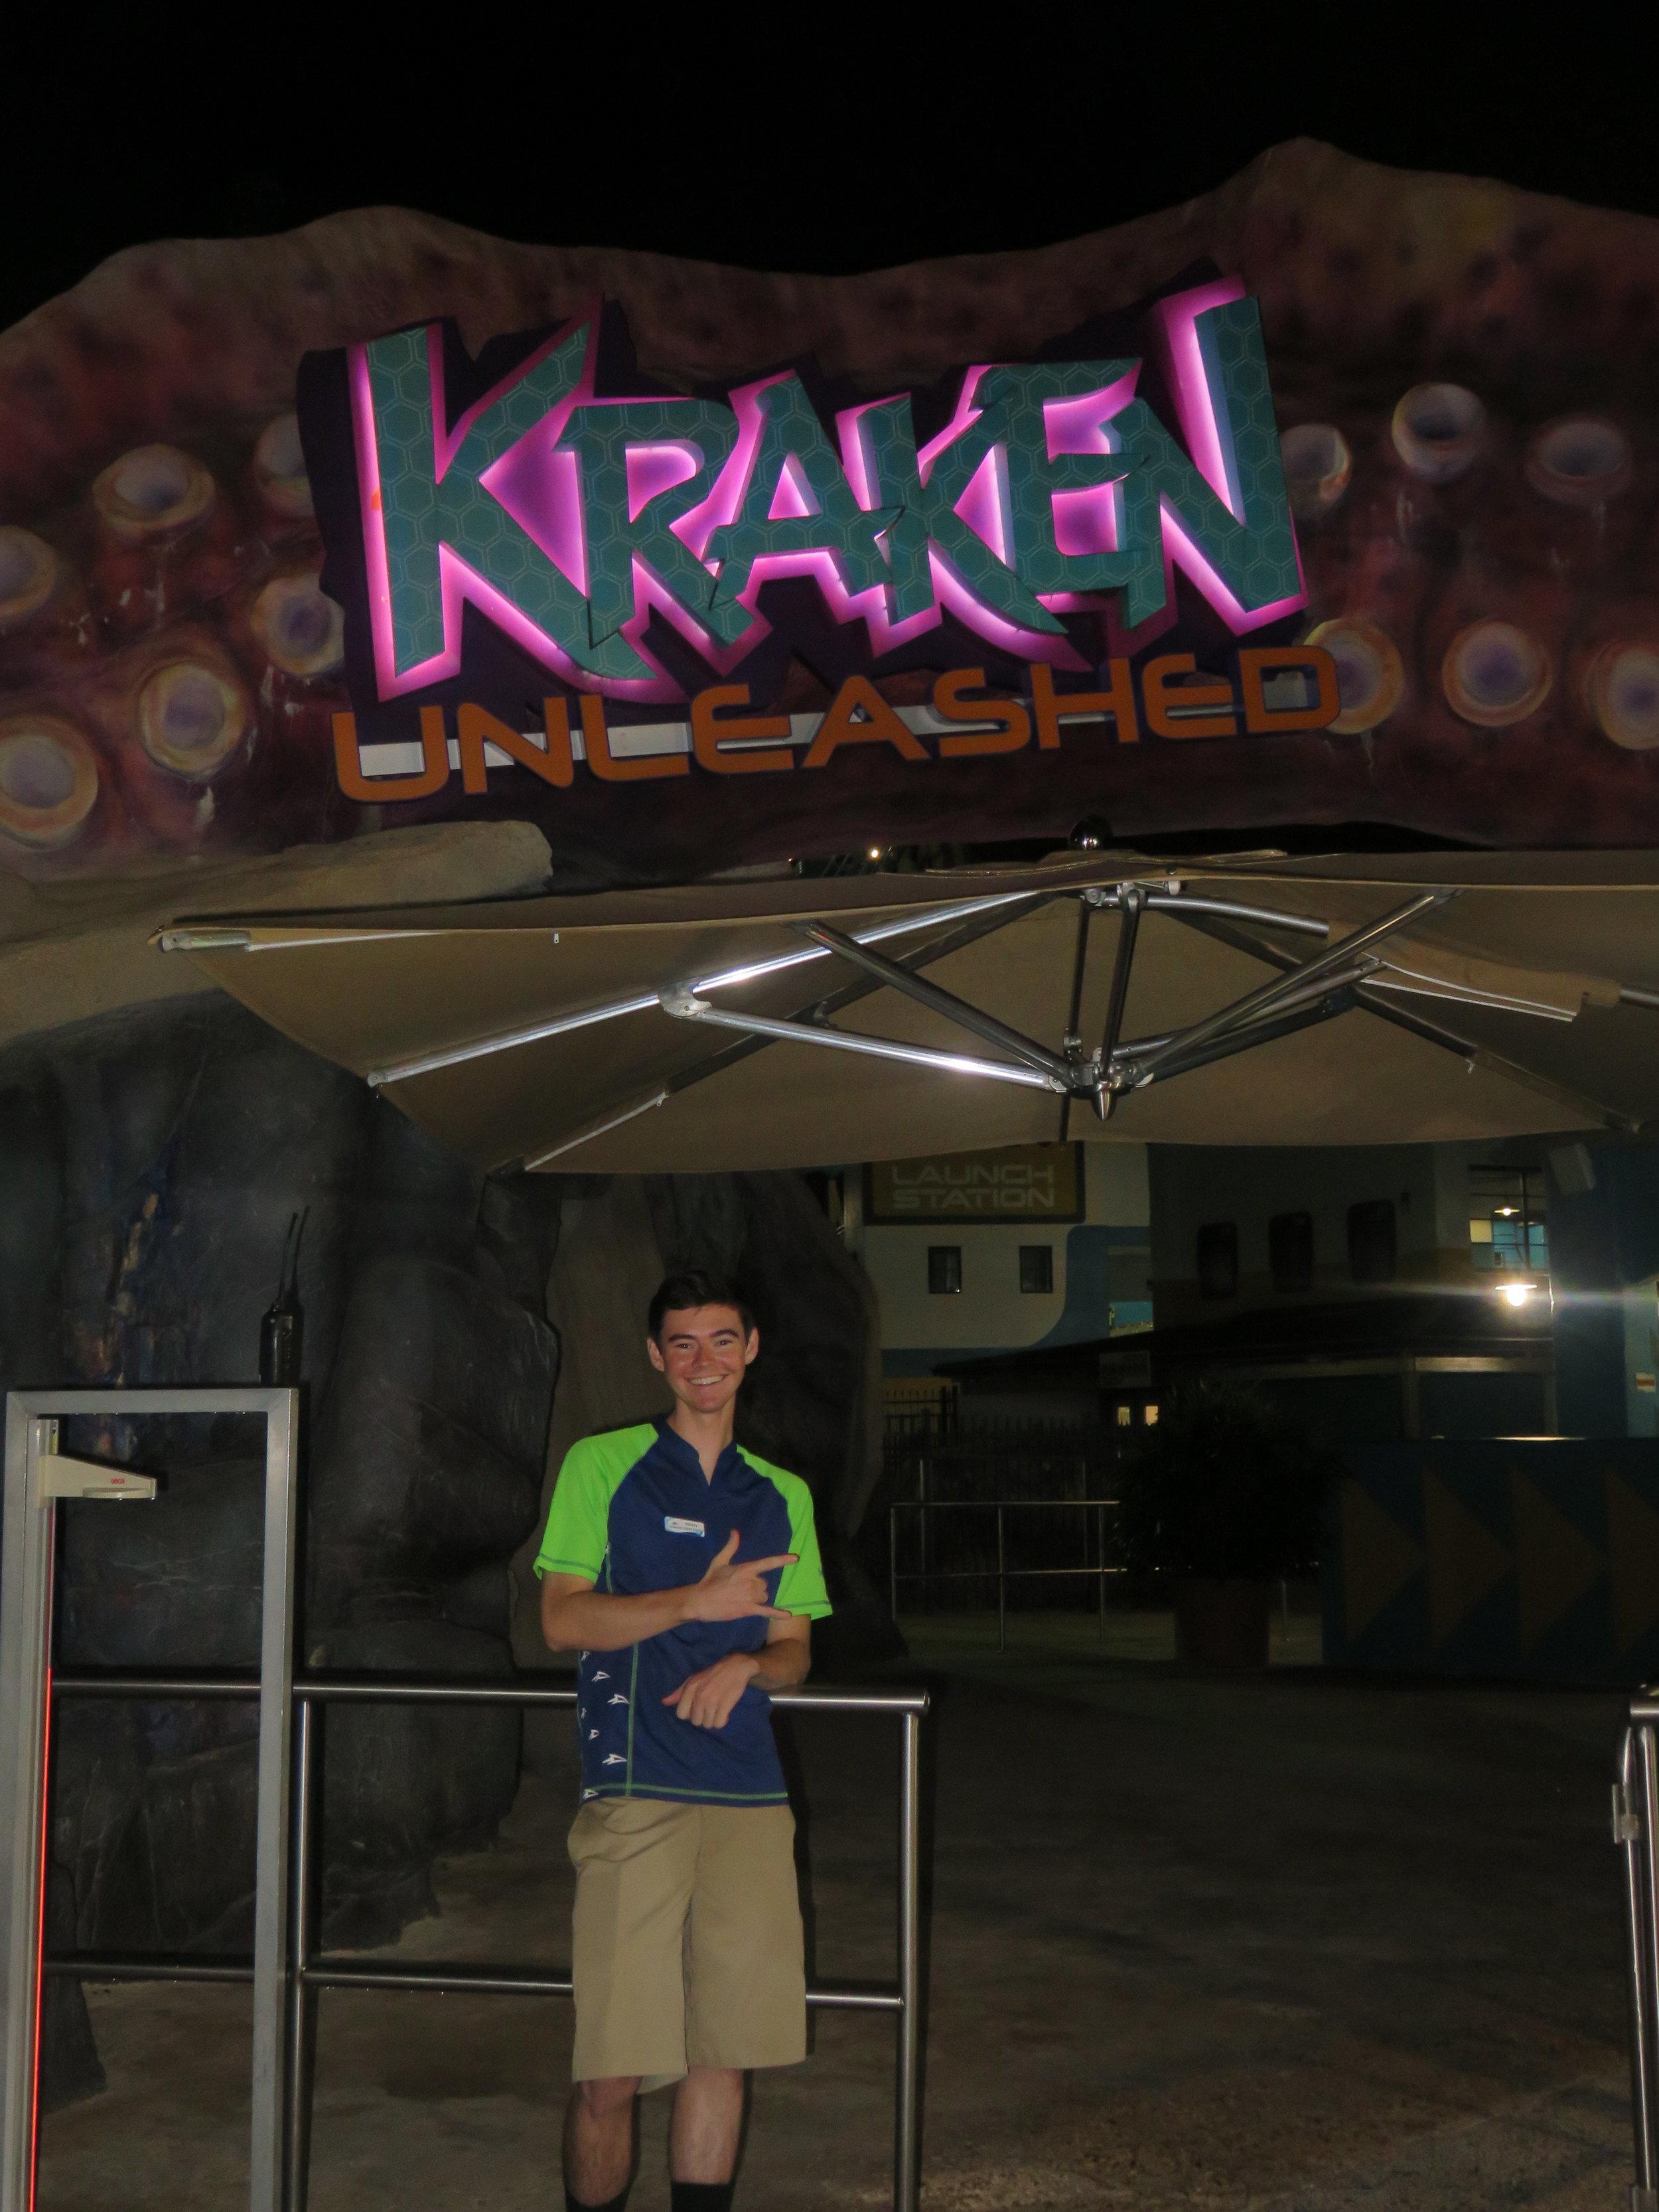 0 - SW - guy under Kraken unleased sign.JPG